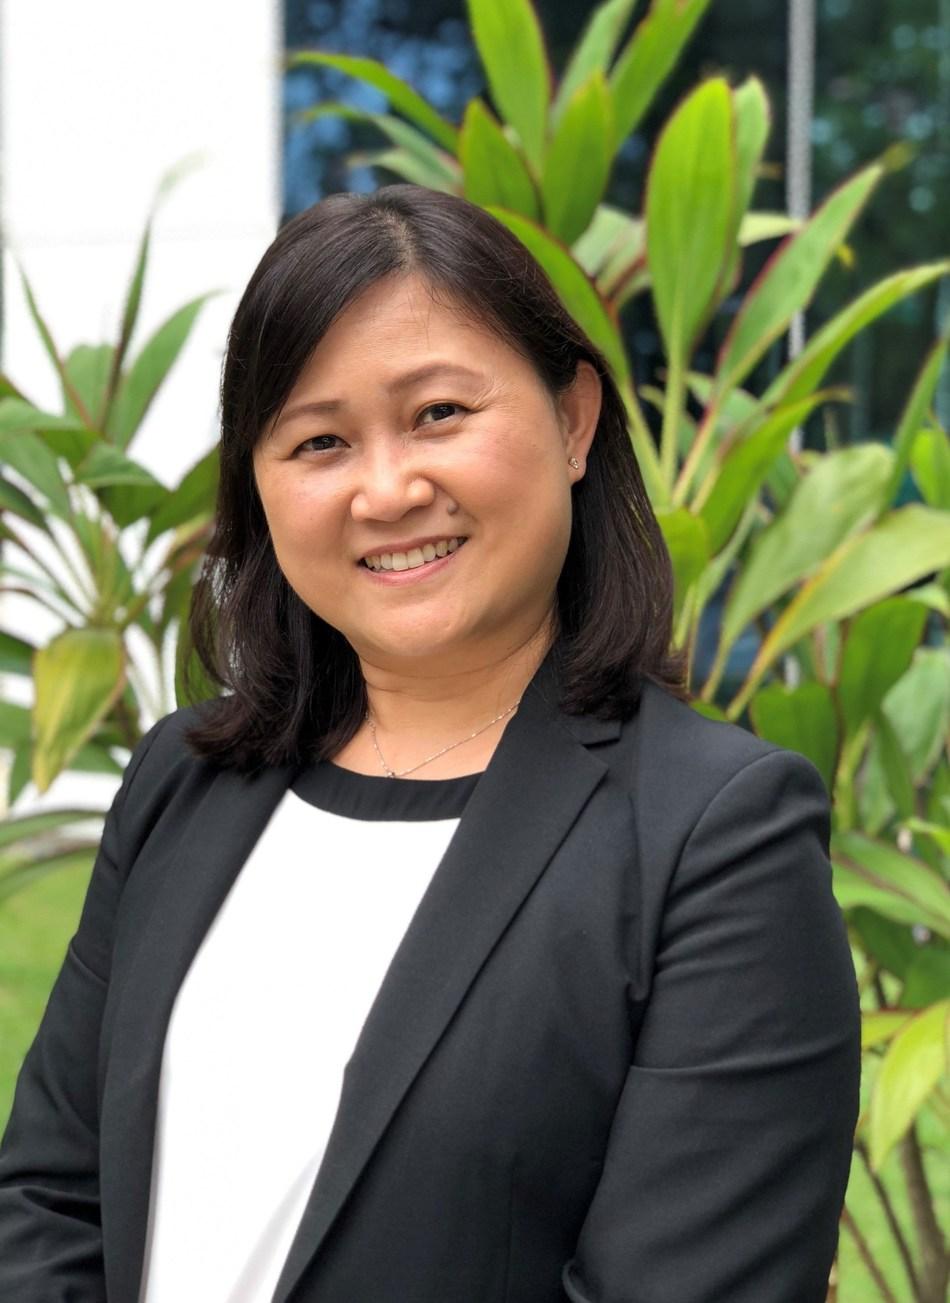 Shirley Loh, Regional Managing Director, Owen Mumford Asia-Pacific (PRNewsfoto/Owen Mumford)